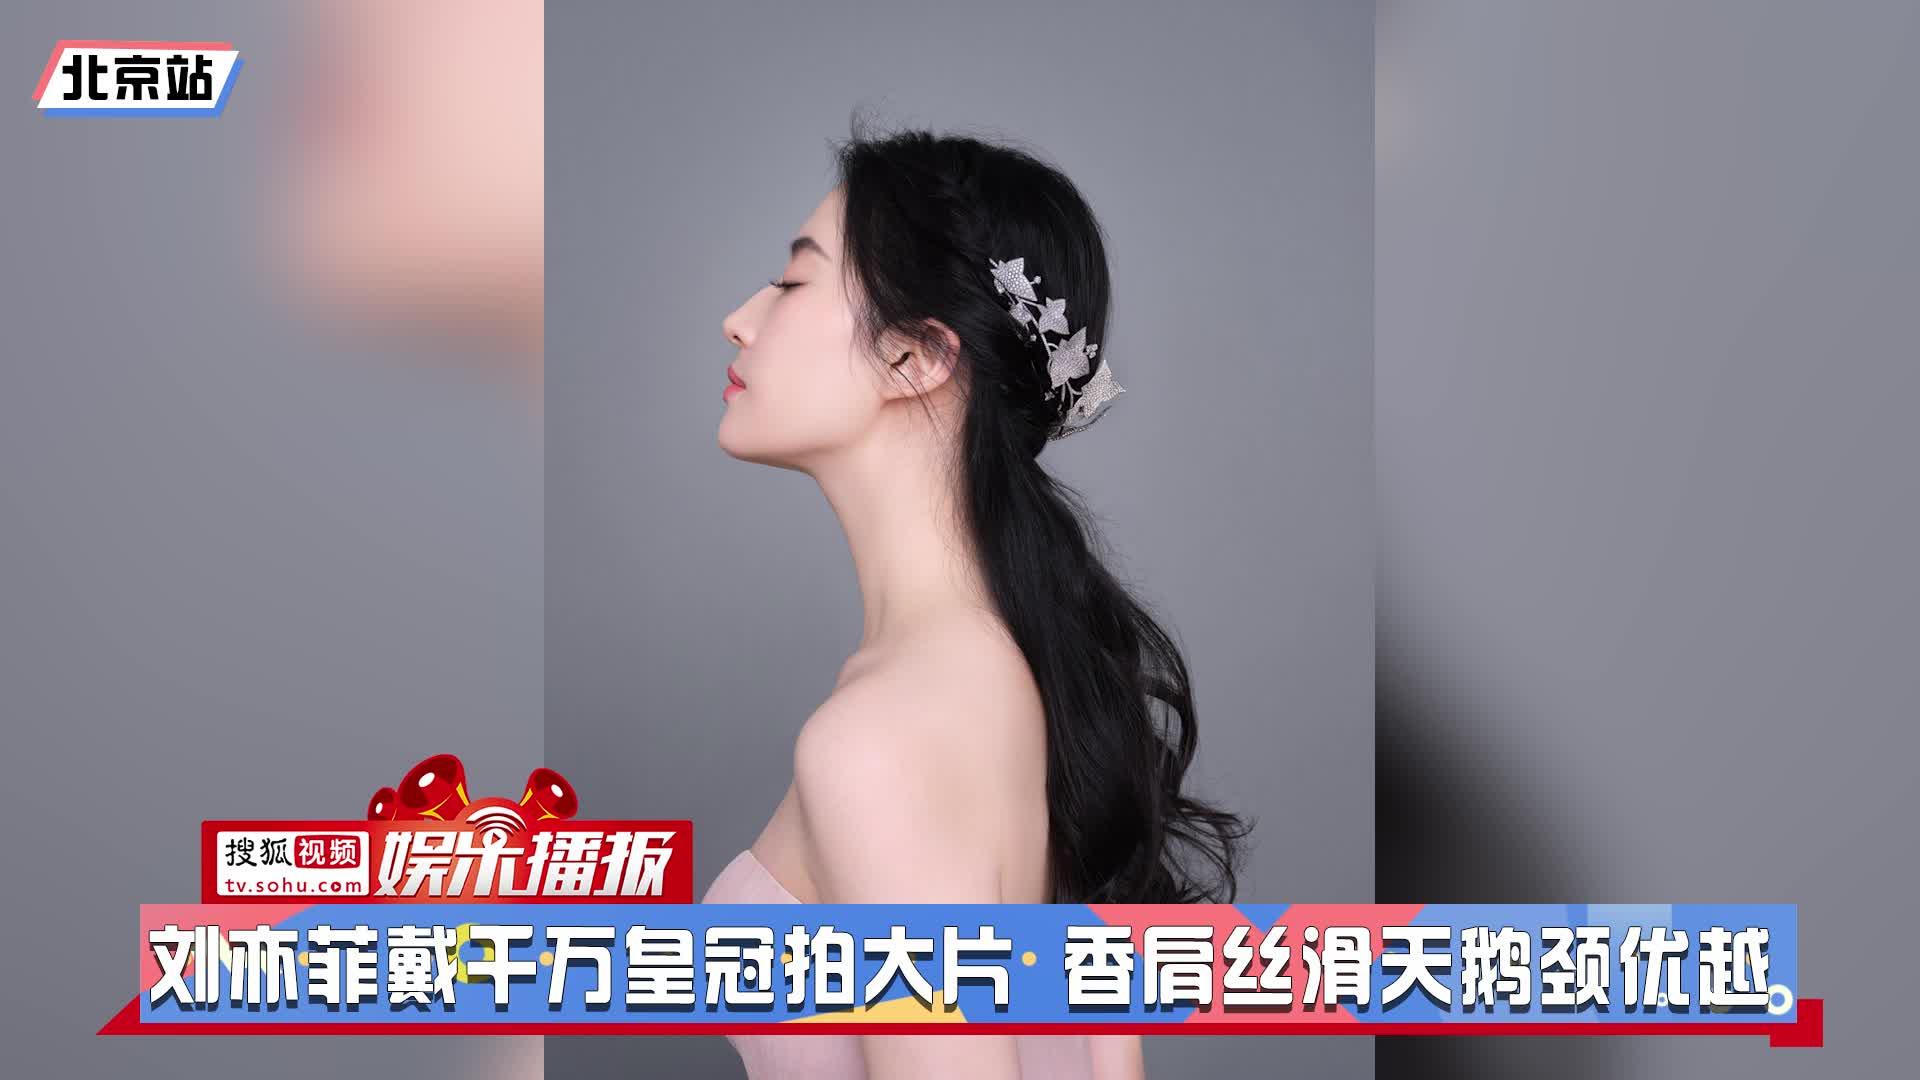 刘亦菲戴千万皇冠拍大片 香肩丝滑天鹅颈优越